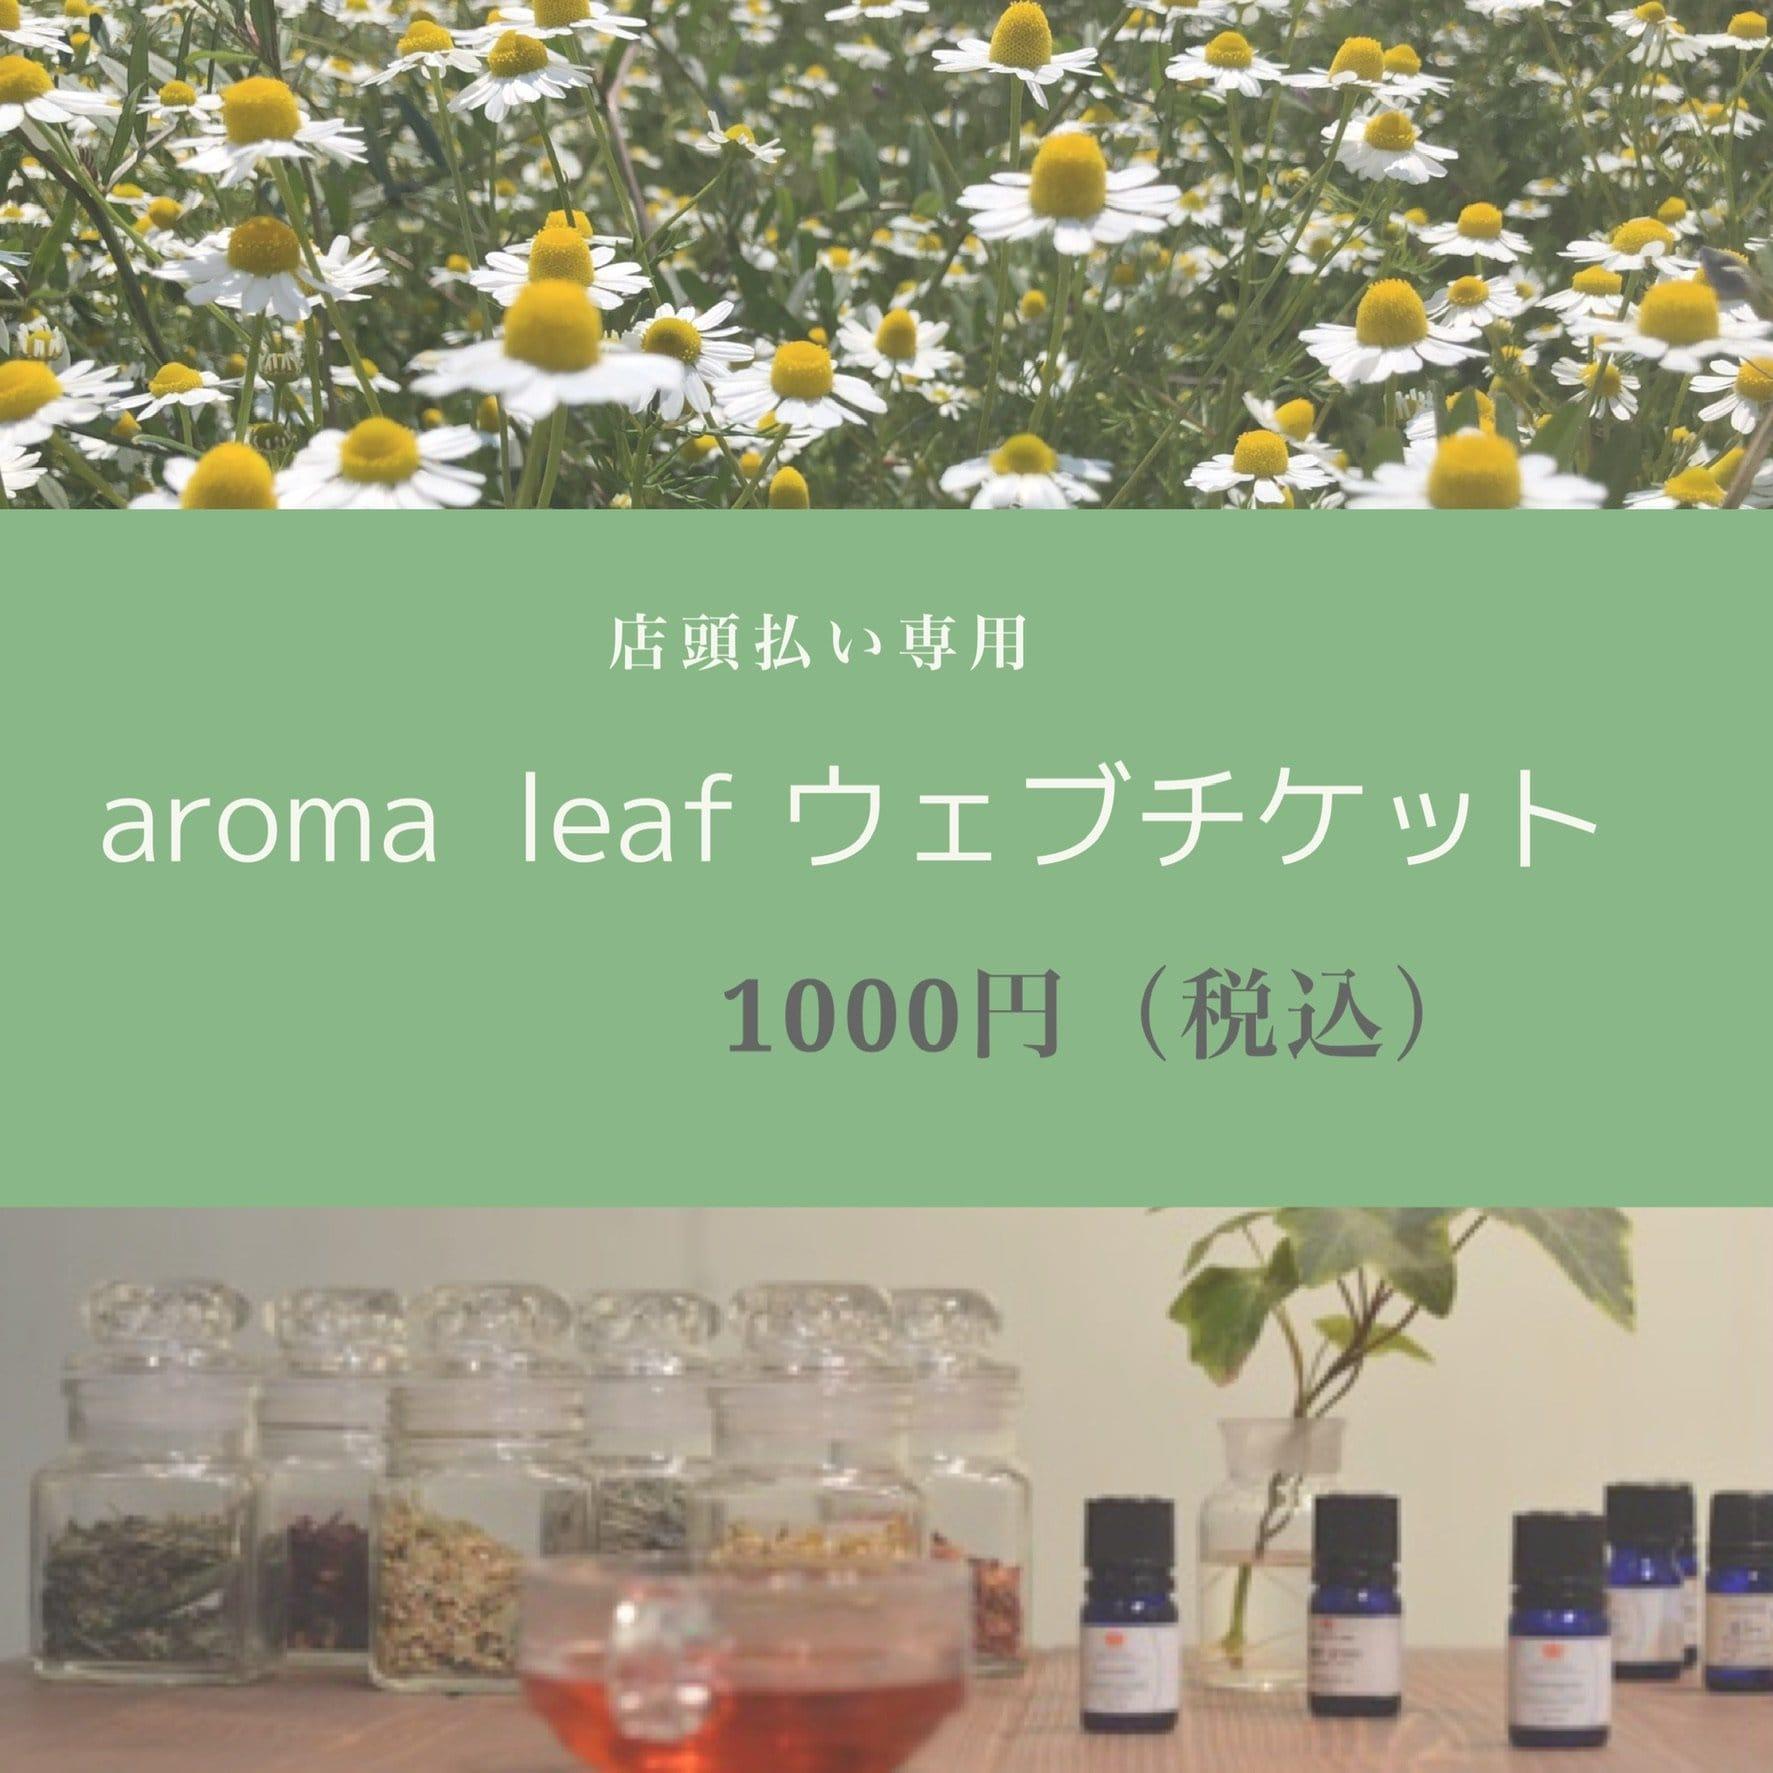 アロマり〜ふ 店頭払い(1000円) ウェブチケットのイメージその1